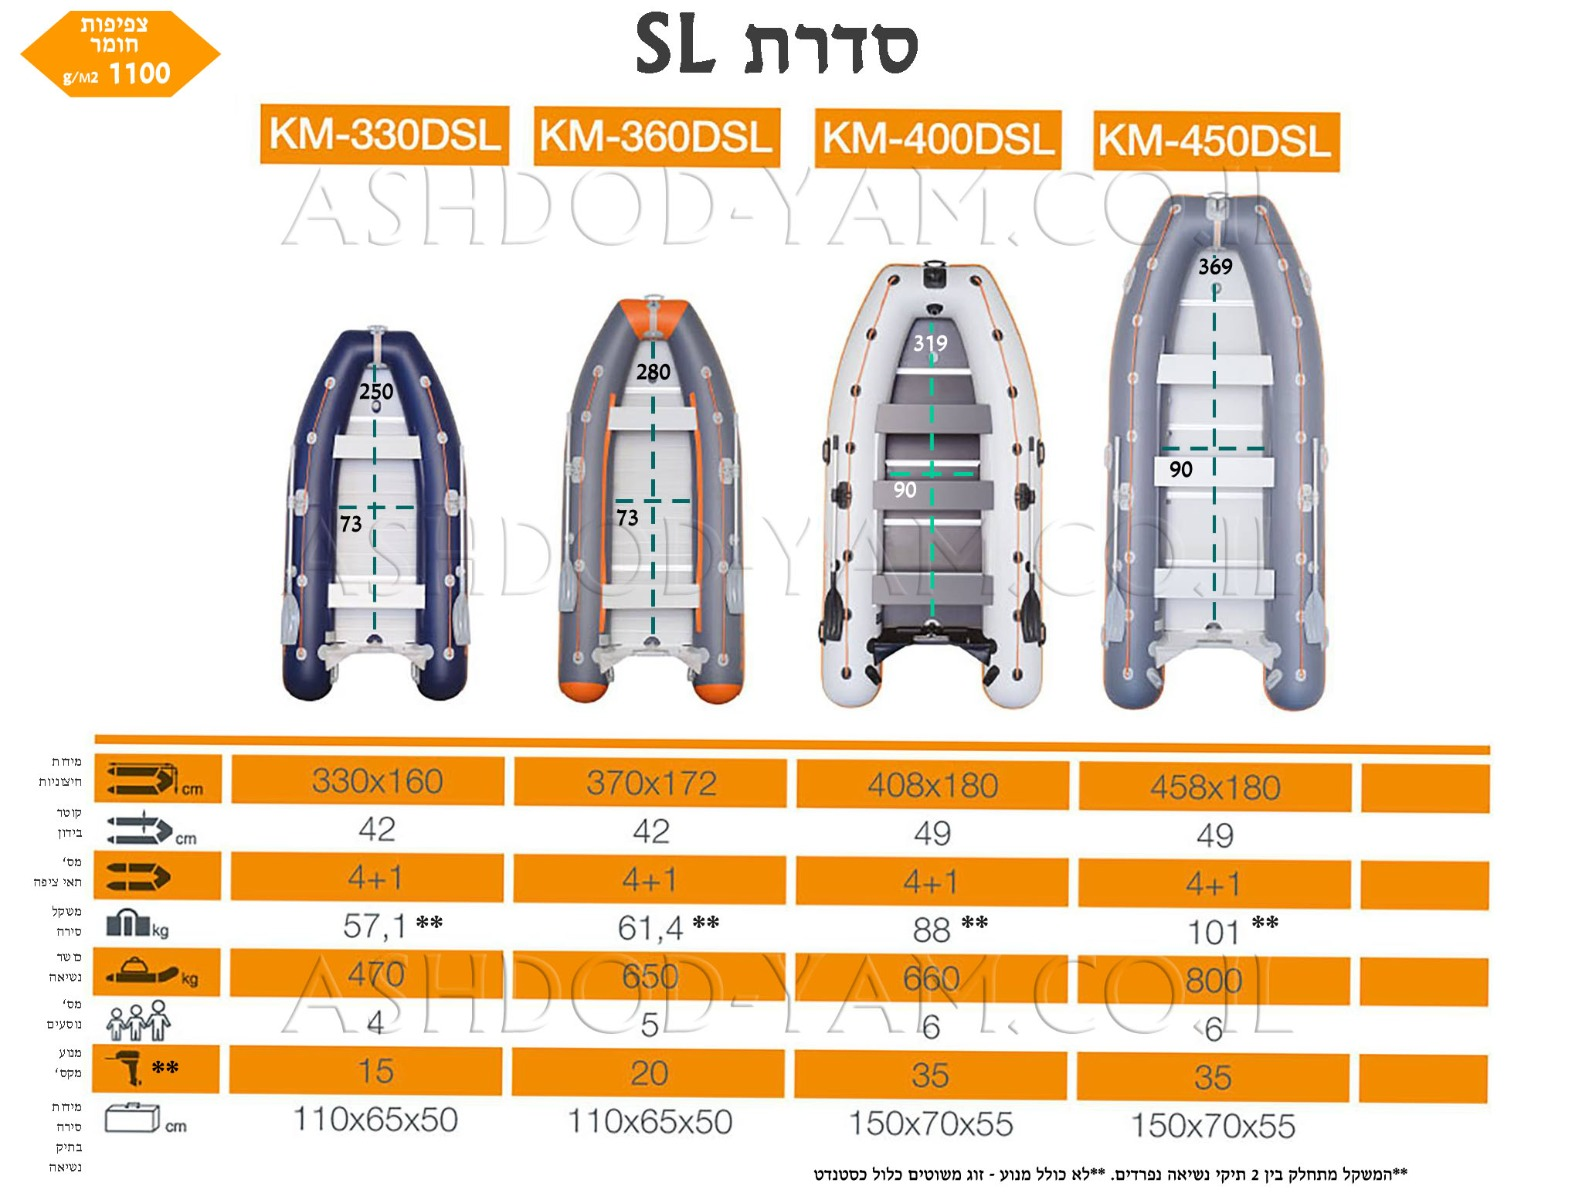 השוואת דגמי סירות קוליברי מסדרת SEA LINE